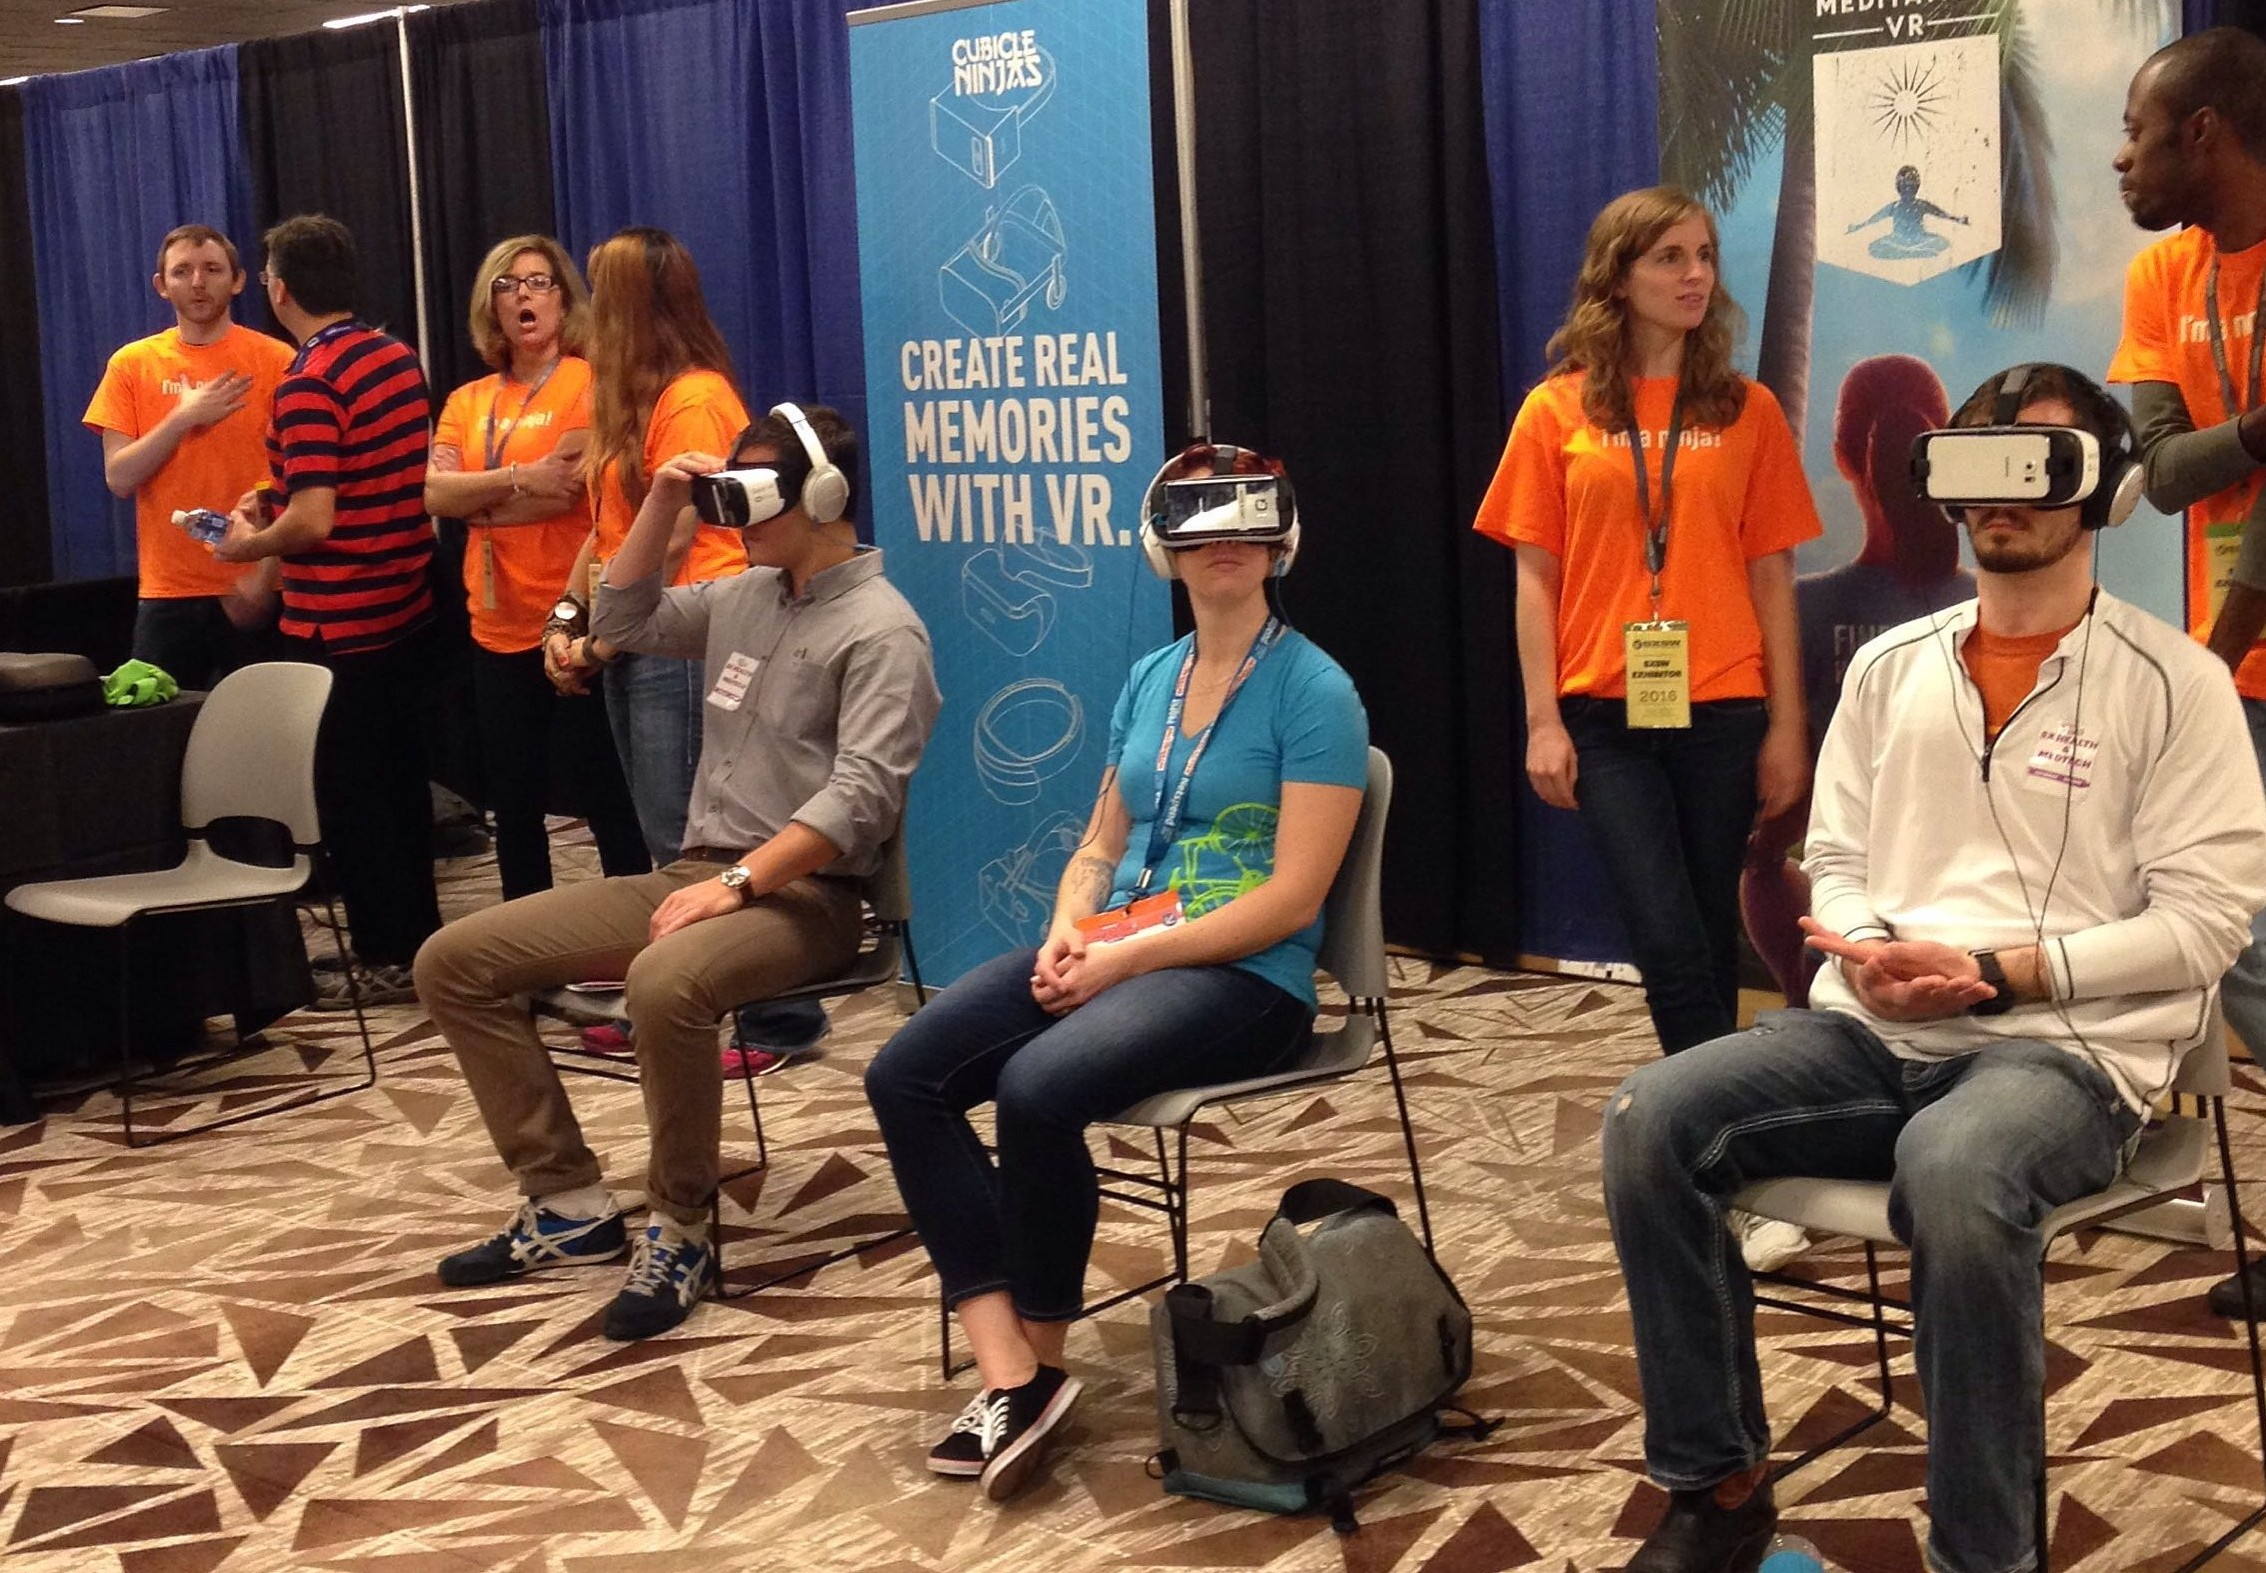 virtual_reality_sxsw2016